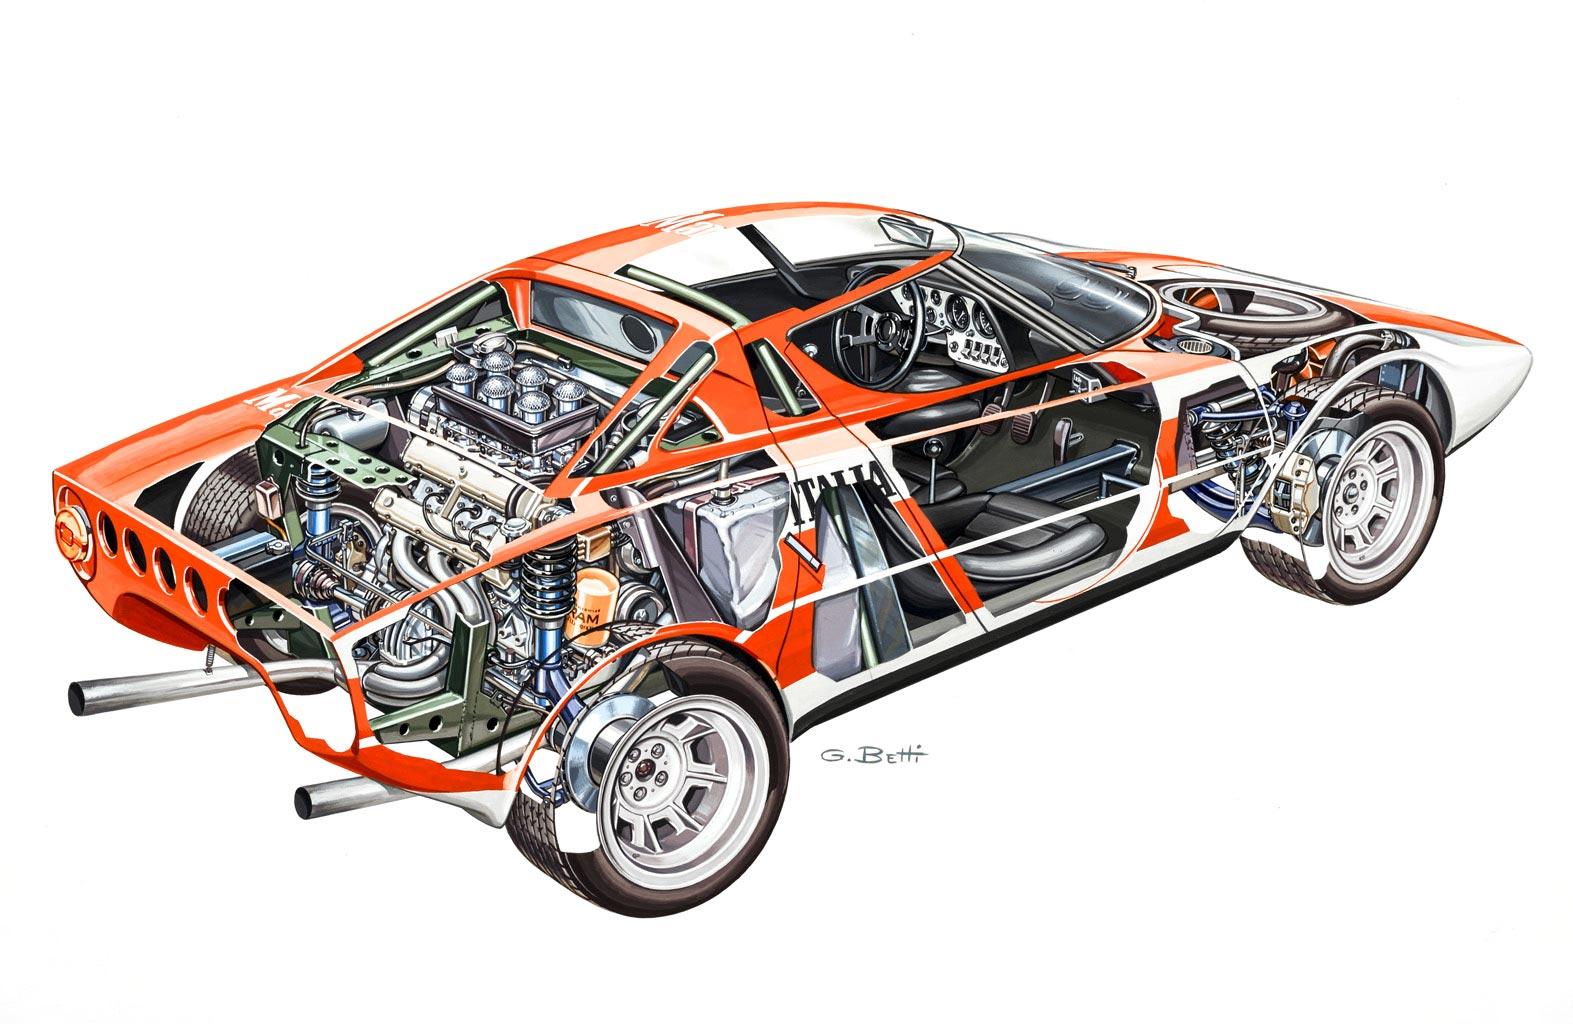 Lancia Stratos Group 4 cutaway drawing